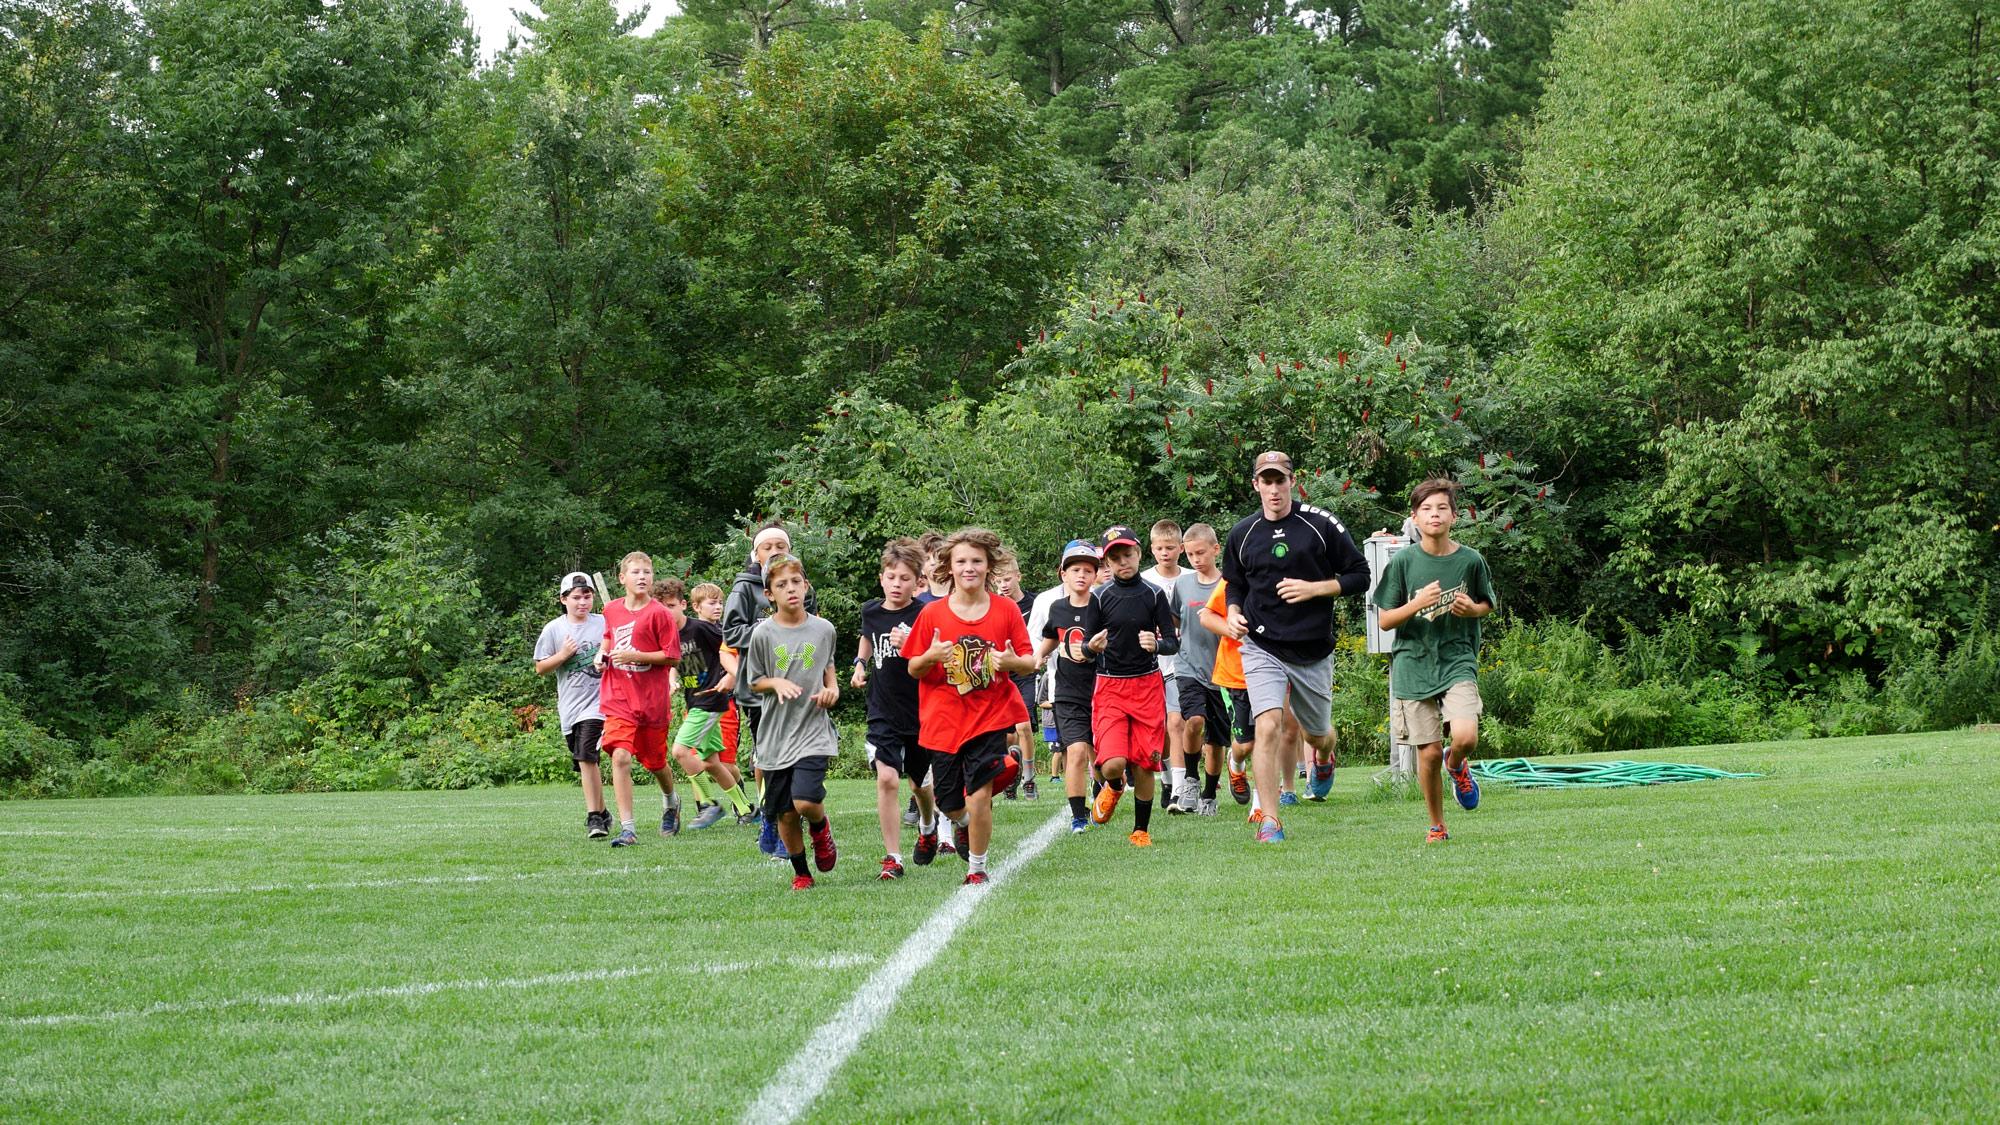 hockey-campers-running.JPG